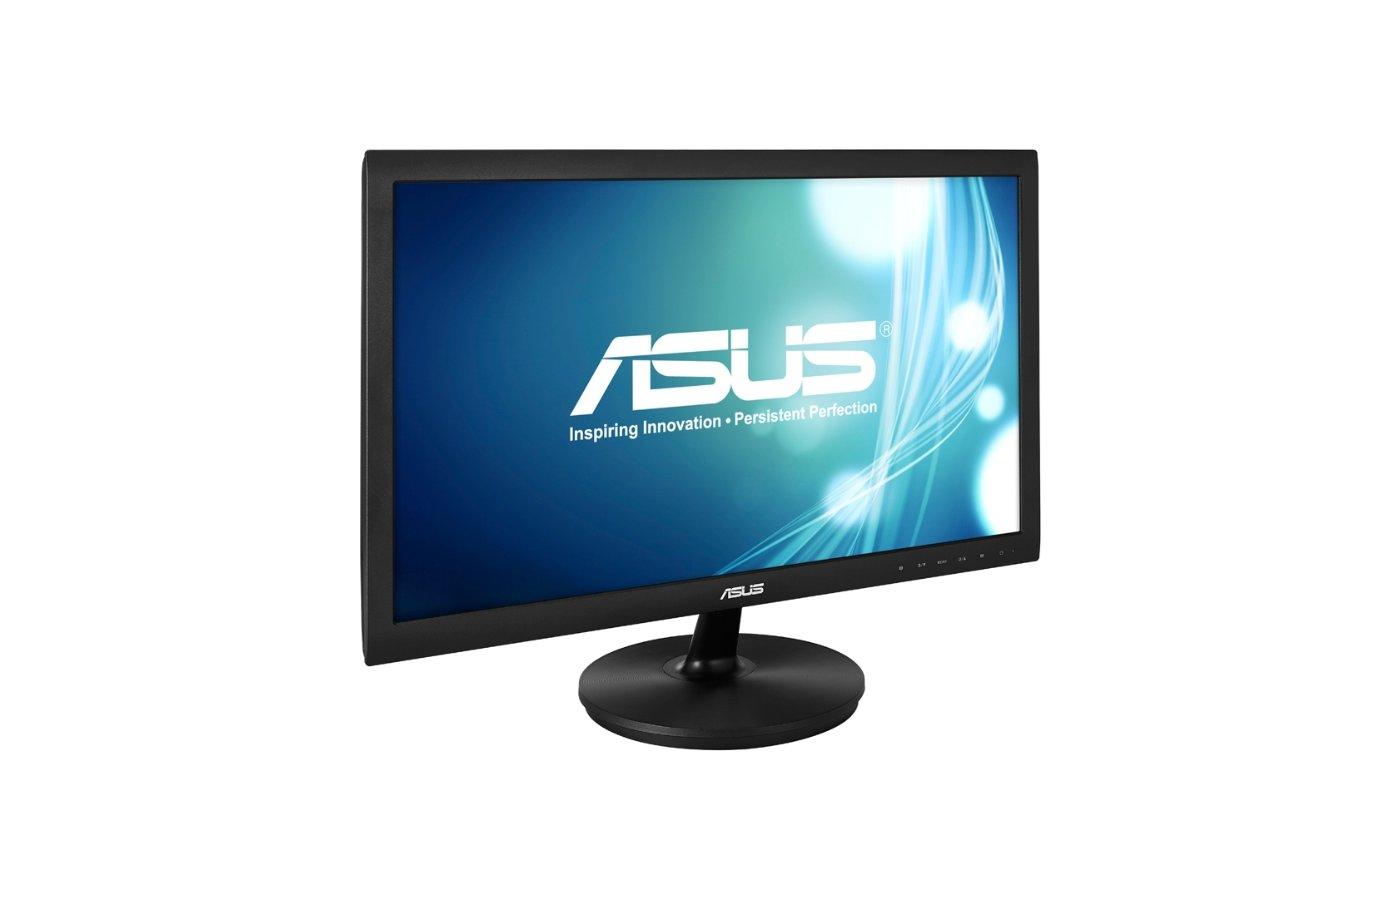 """ЖК-монитор 22"""" Asus VS228HR /90LMD8001T02231C-/"""